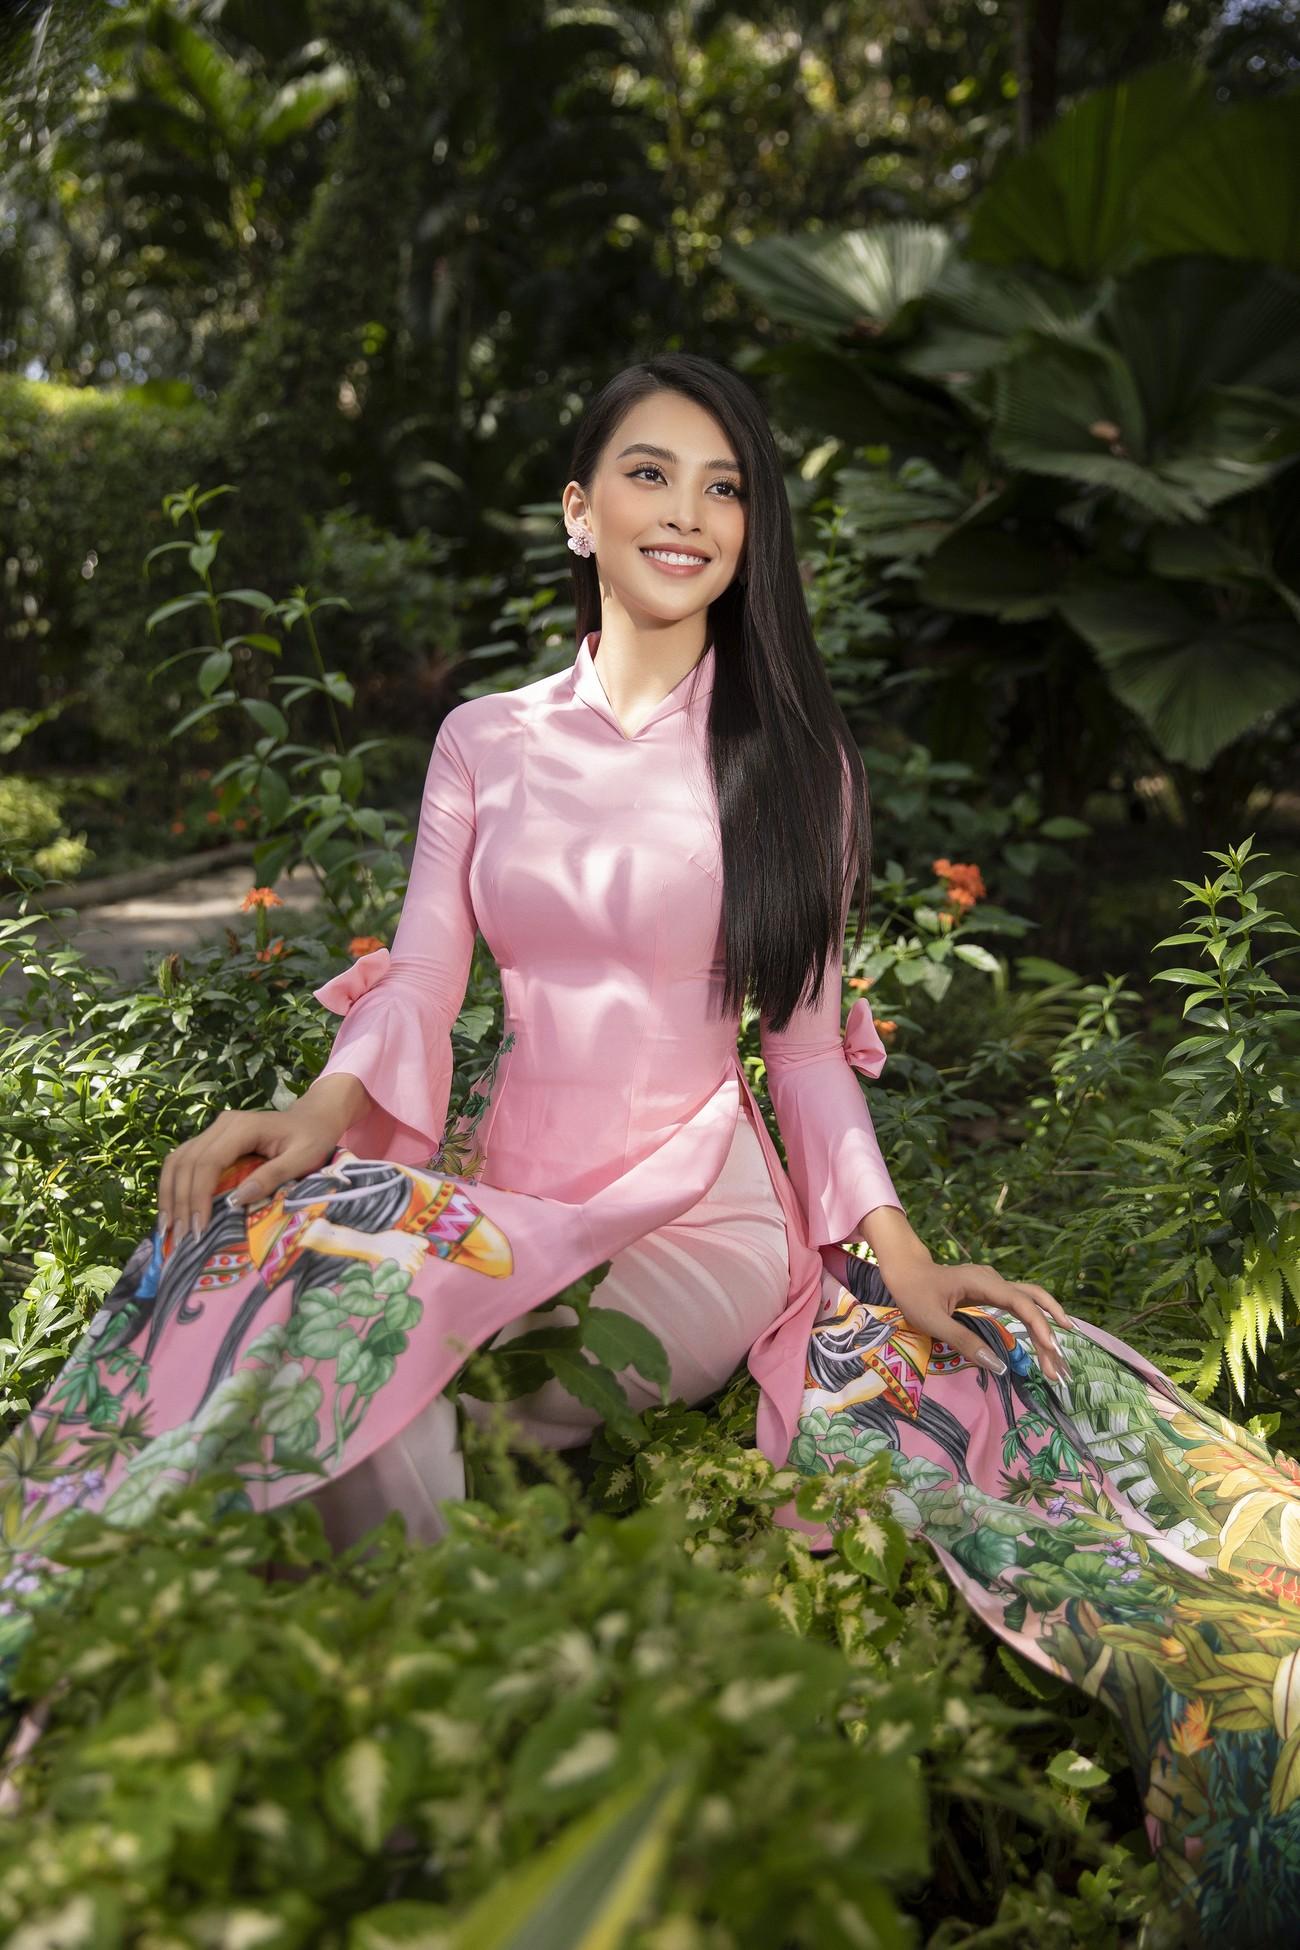 Hoa hậu Tiểu Vy khoe nhan sắc 'cực phẩm', đẹp tựa nàng thơ mùa xuân với áo dài Tết ảnh 13